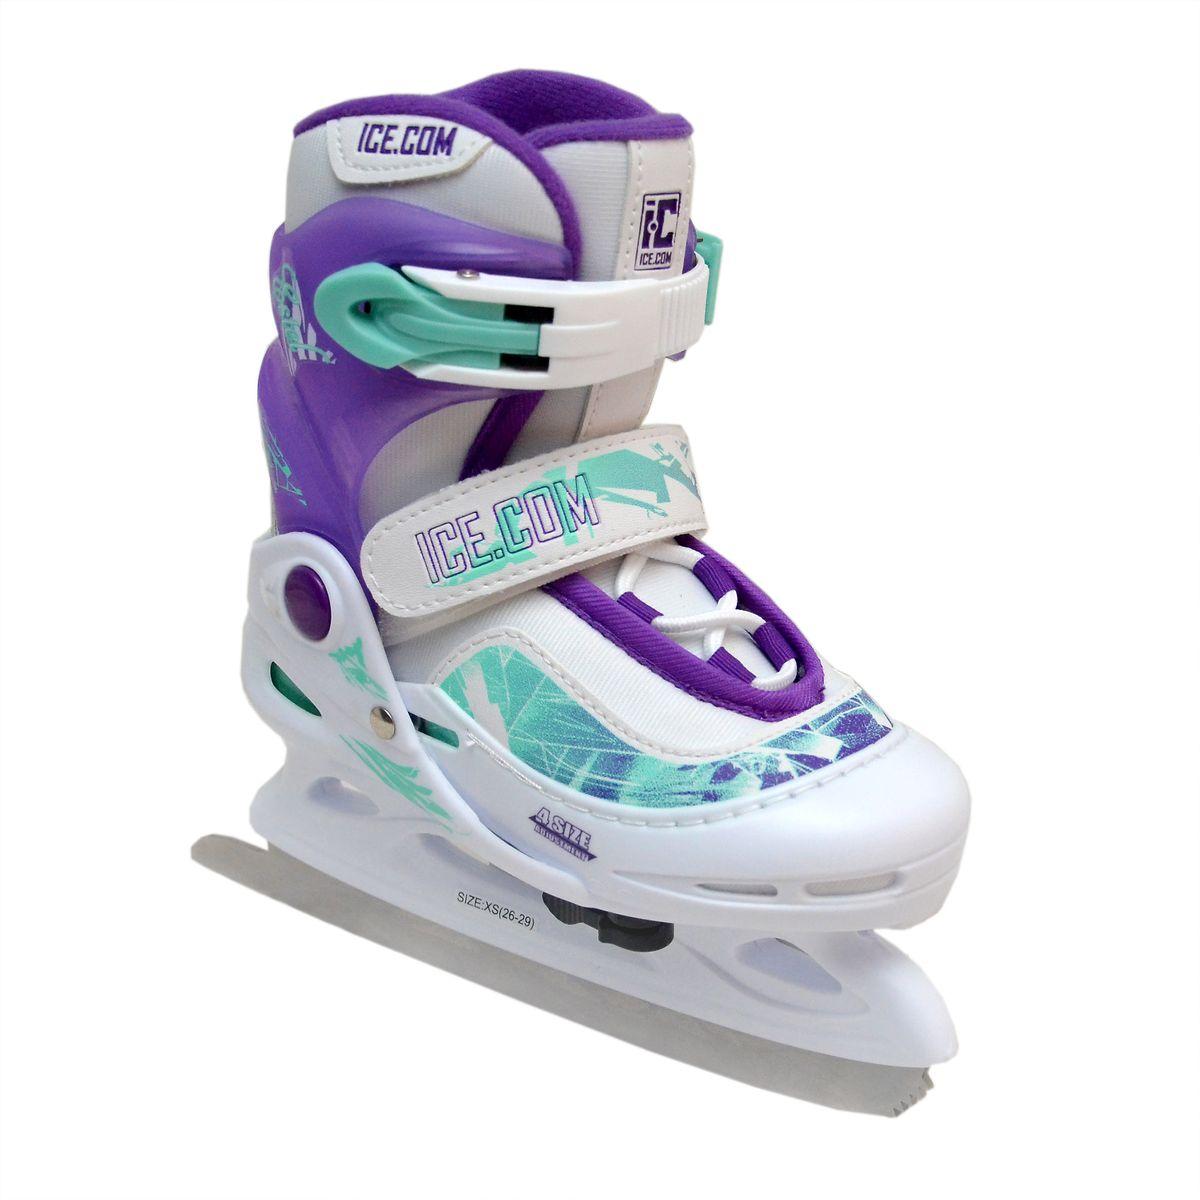 ICE.COM Коньки ледовые для девочки Ice. Com Estel, раздвижные, цвет: белый, фиолетовый, бирюзовый. Размер 26/29